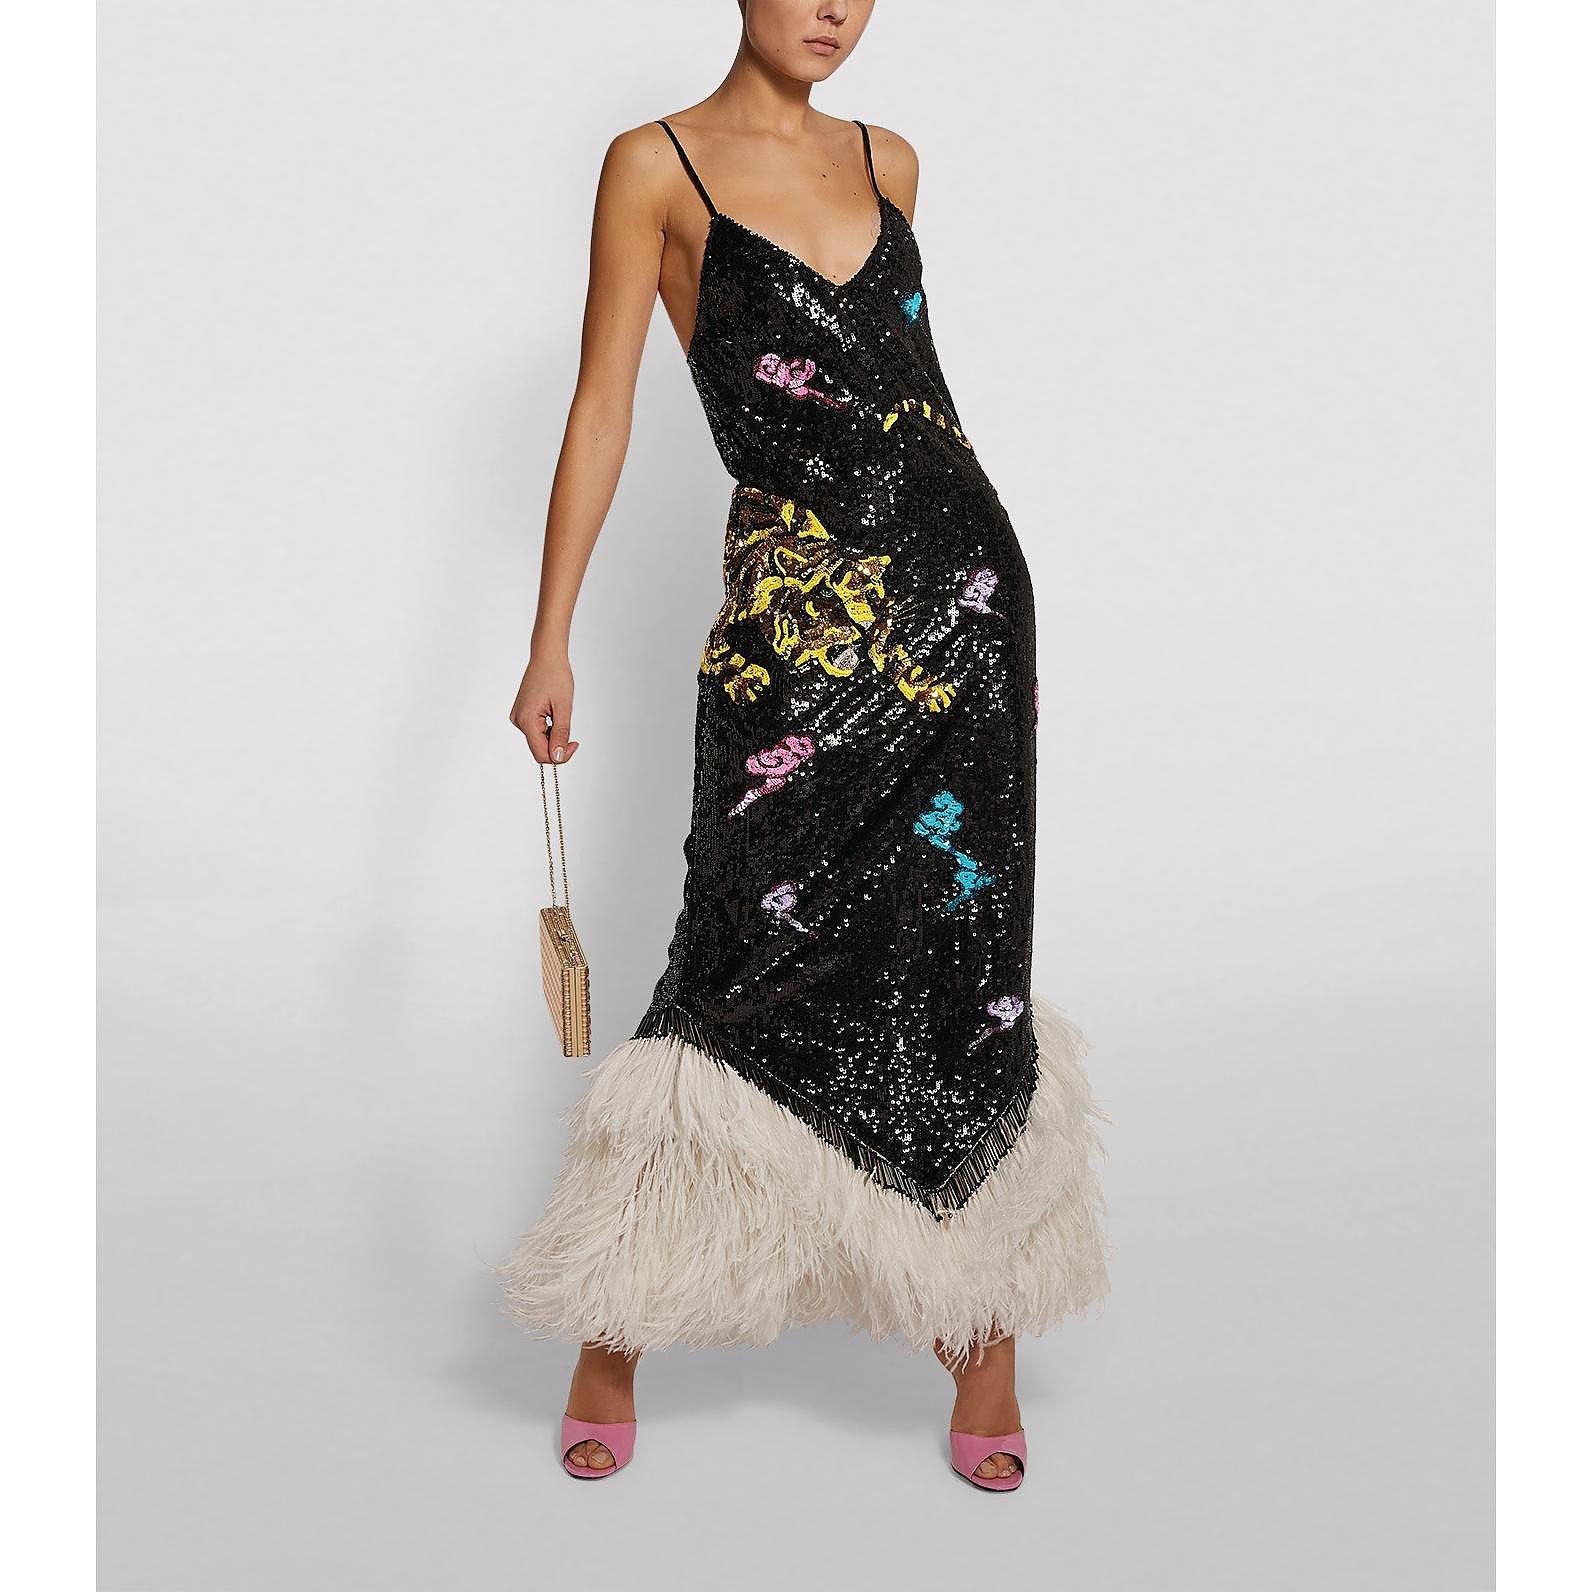 The Attico Ada Sequin Slip Dress